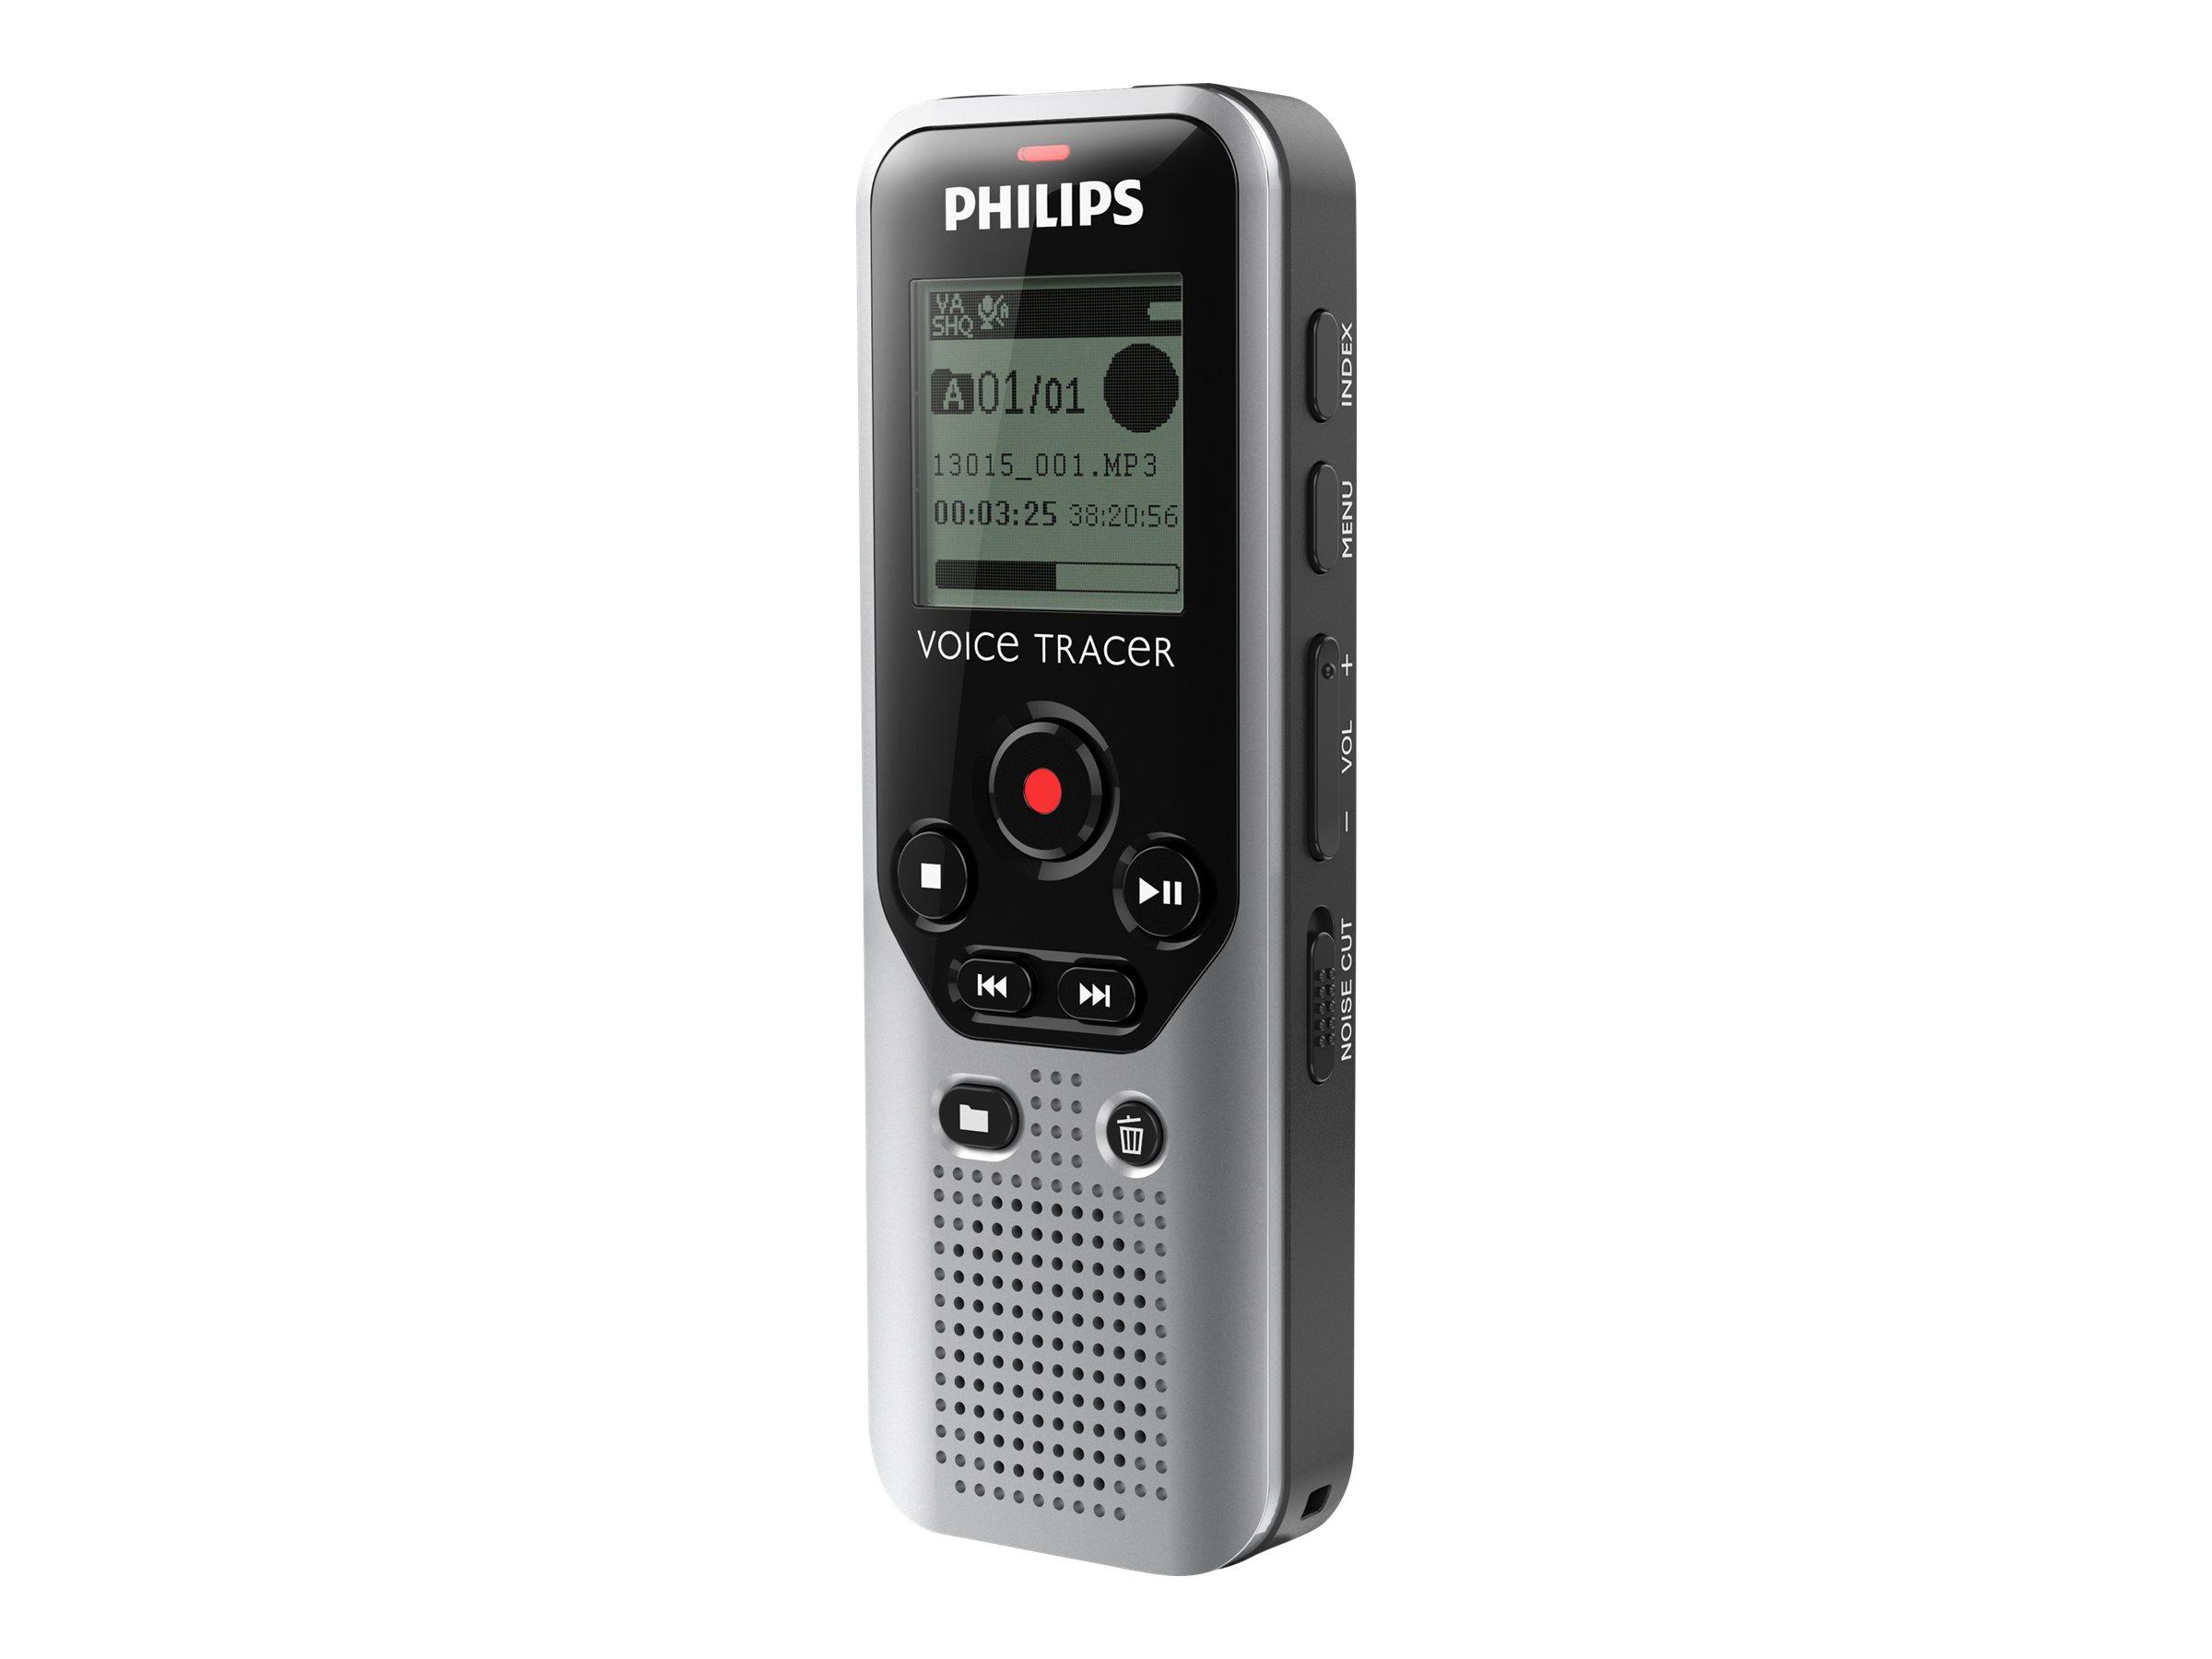 Philips Voice Tracer DVT1200 - Voicerecorder - 4 GB - Schwarz, Dark Silver